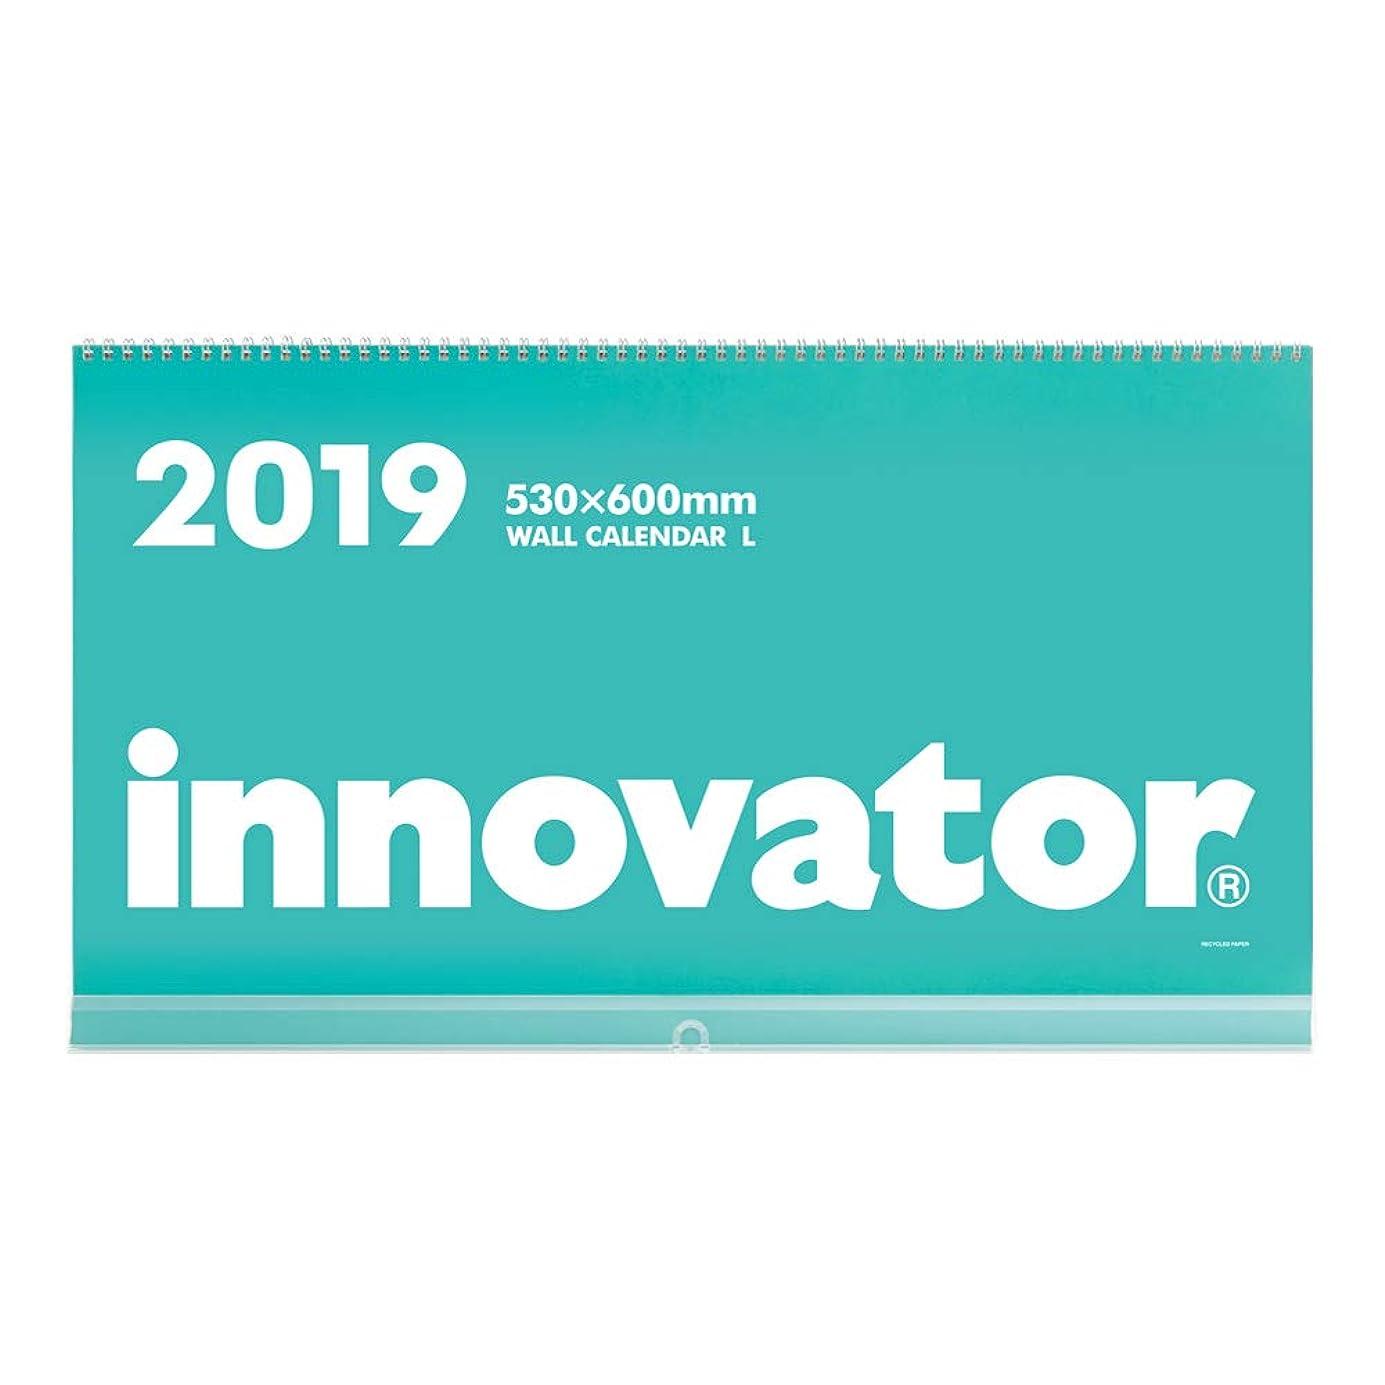 見つけた直面する耳イノベーター 2019年 カレンダー 壁掛 L 30593006